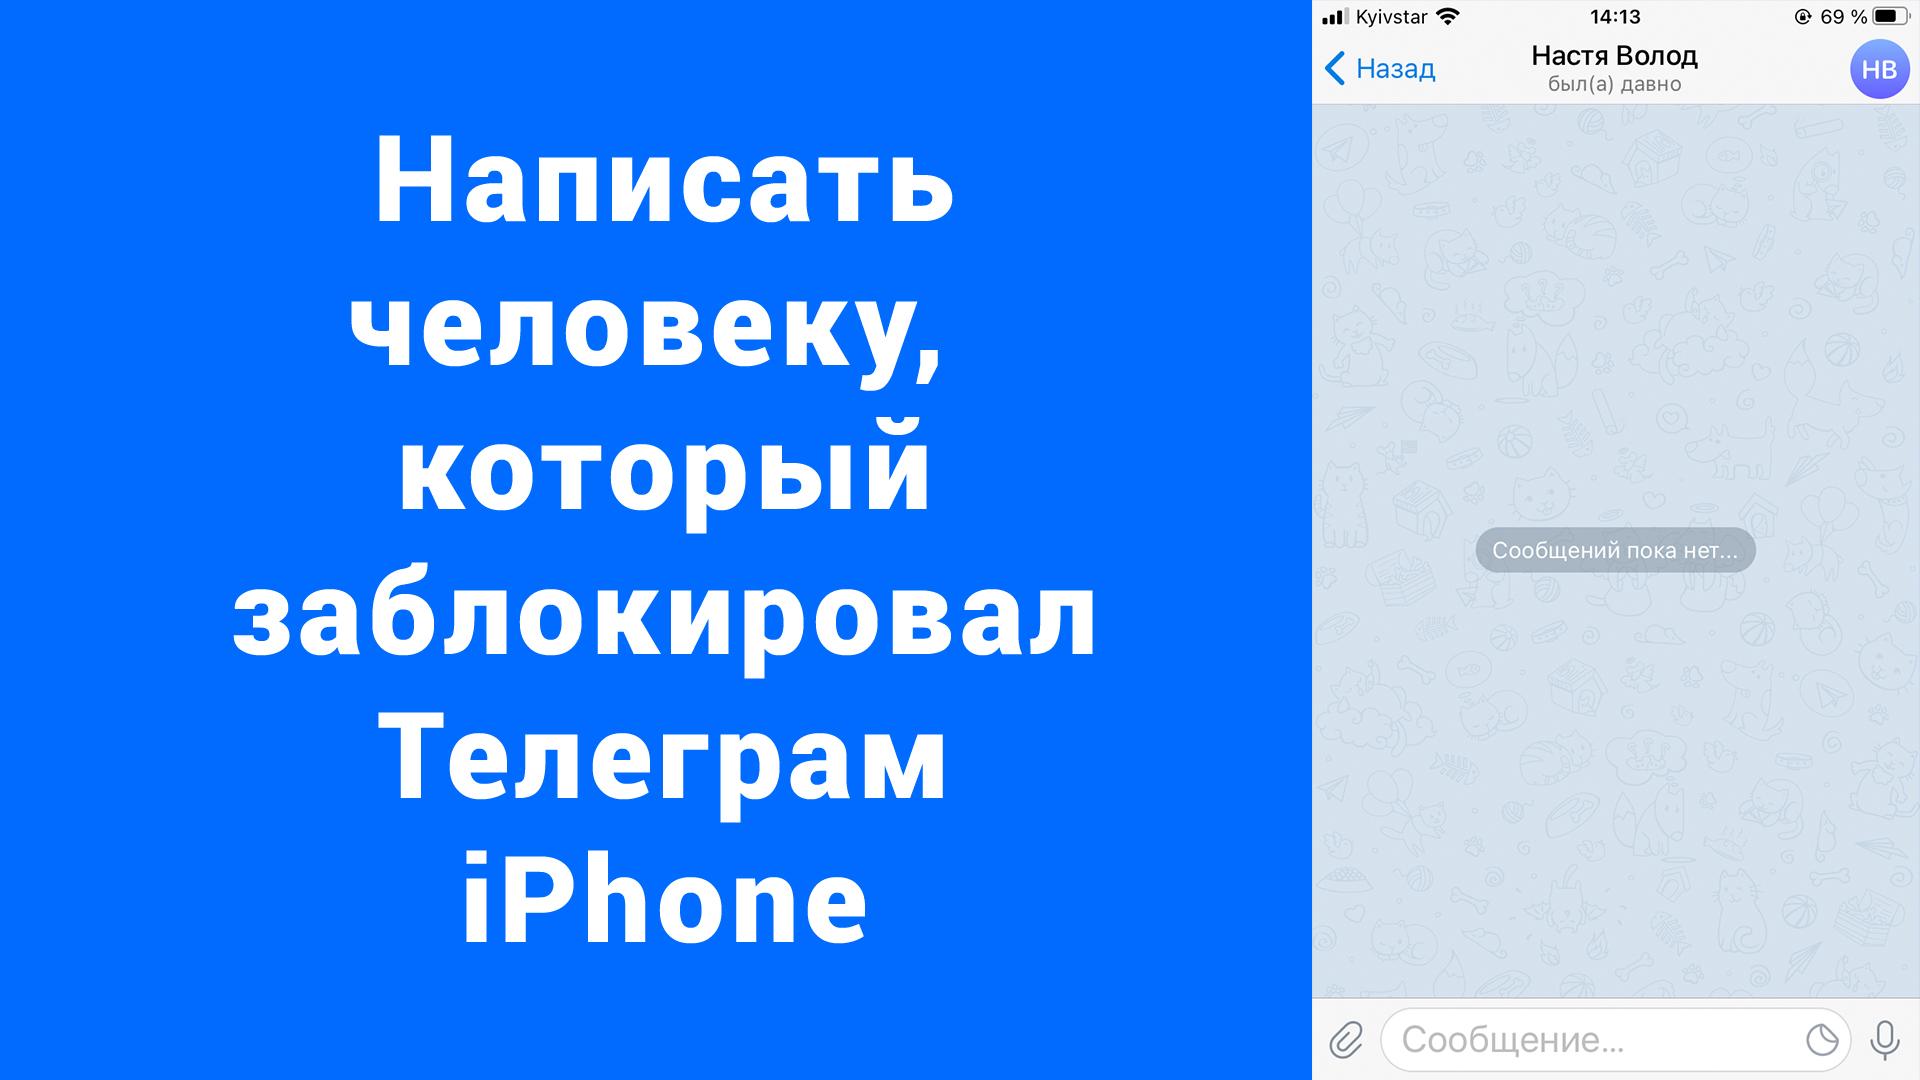 Как написать человеку, если заблокировал в Telegram iPhone